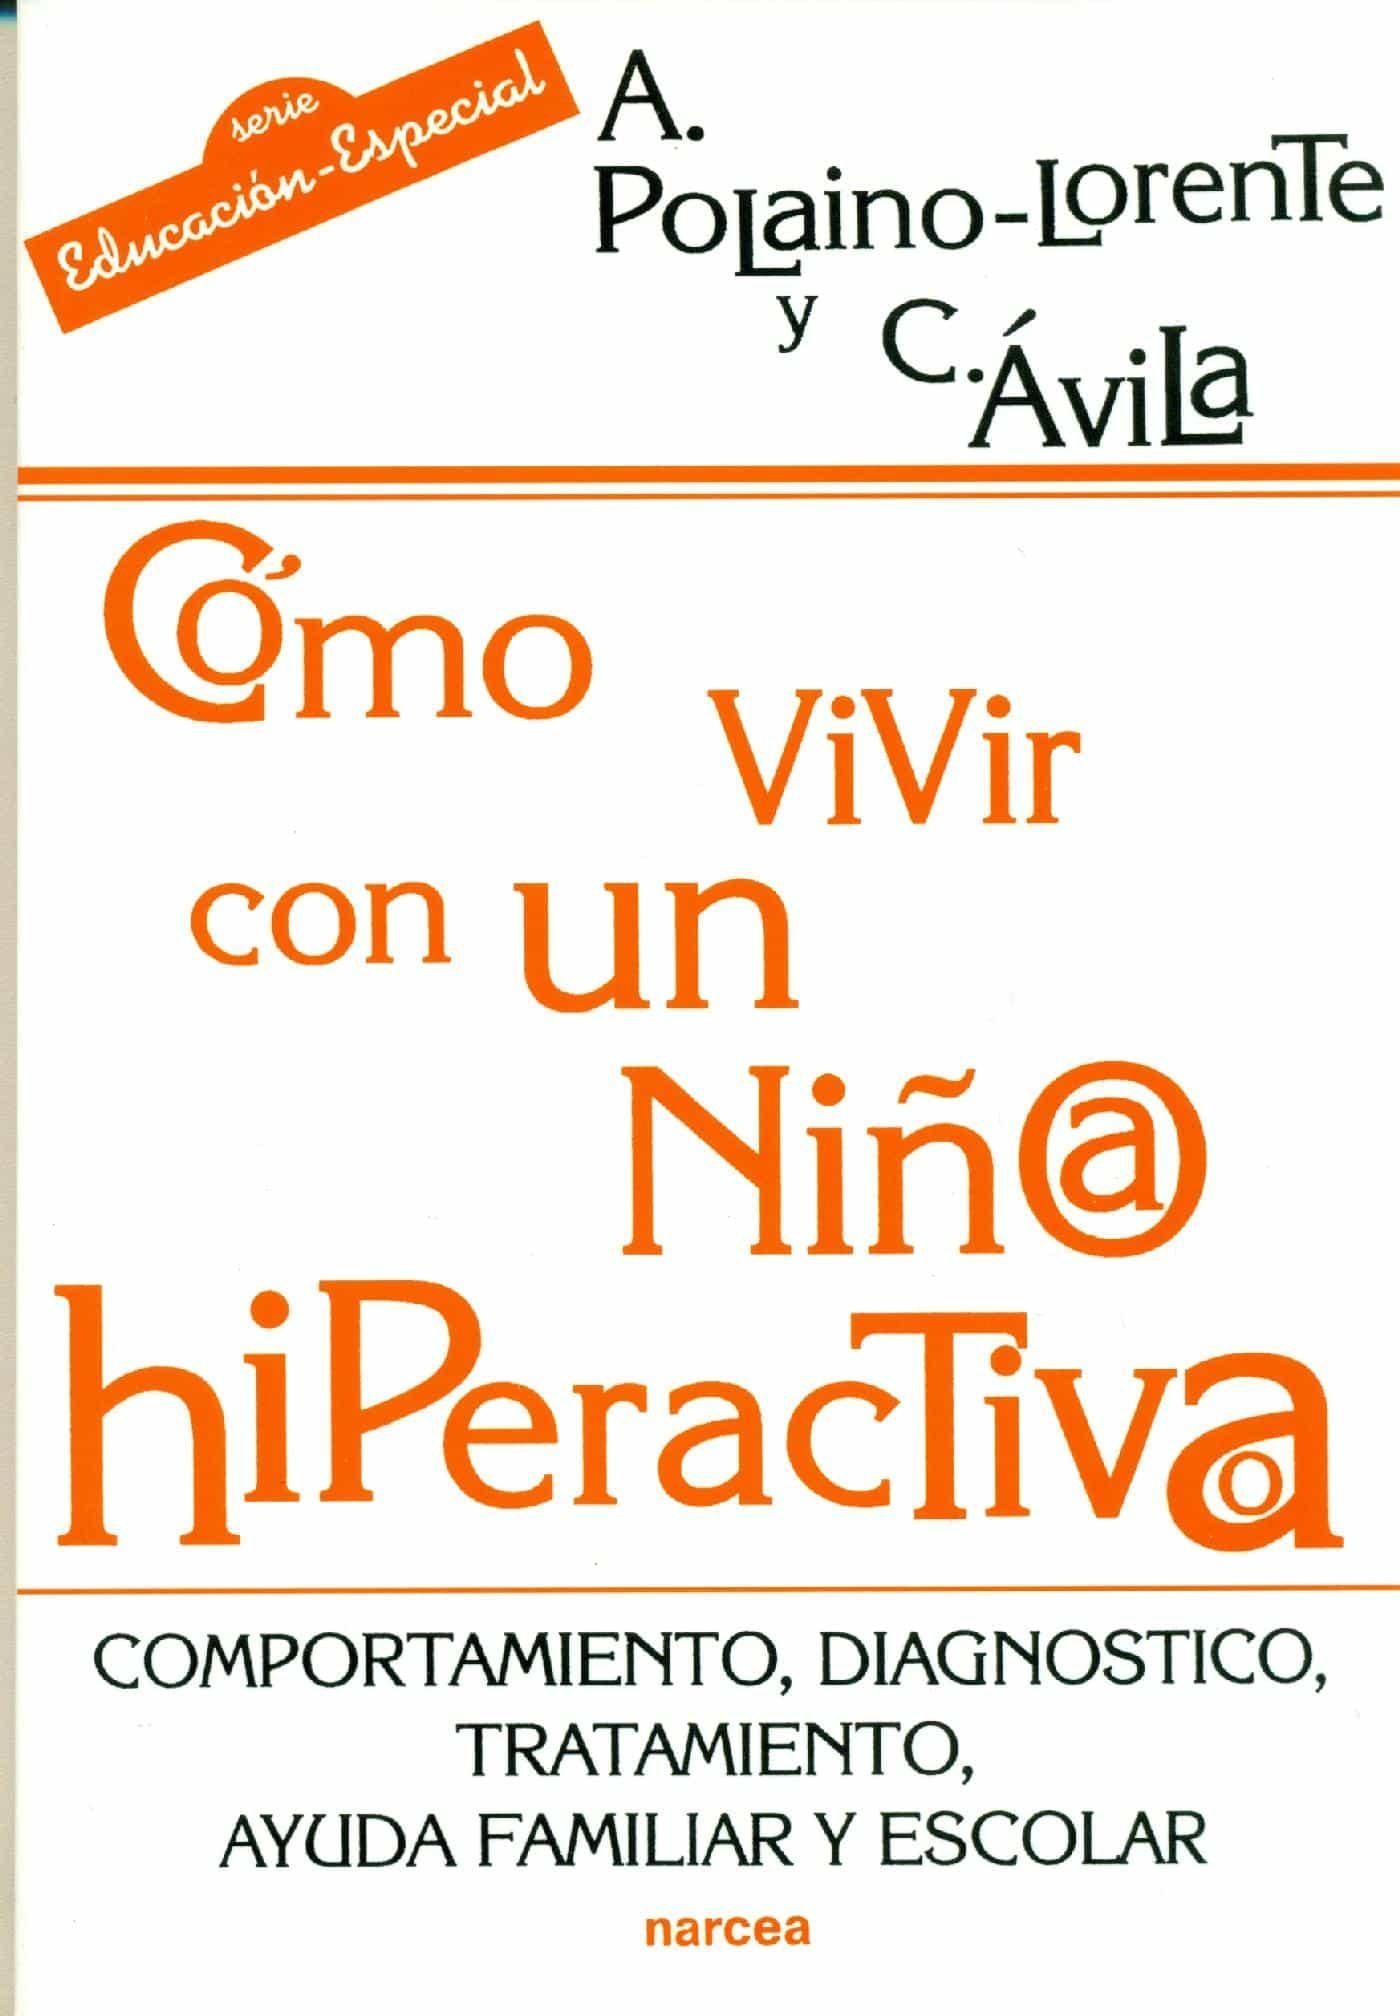 Cómo Vivir Con Un Niño/a Hiperactivo/a   por C. Avila, A. Polaino-lorente